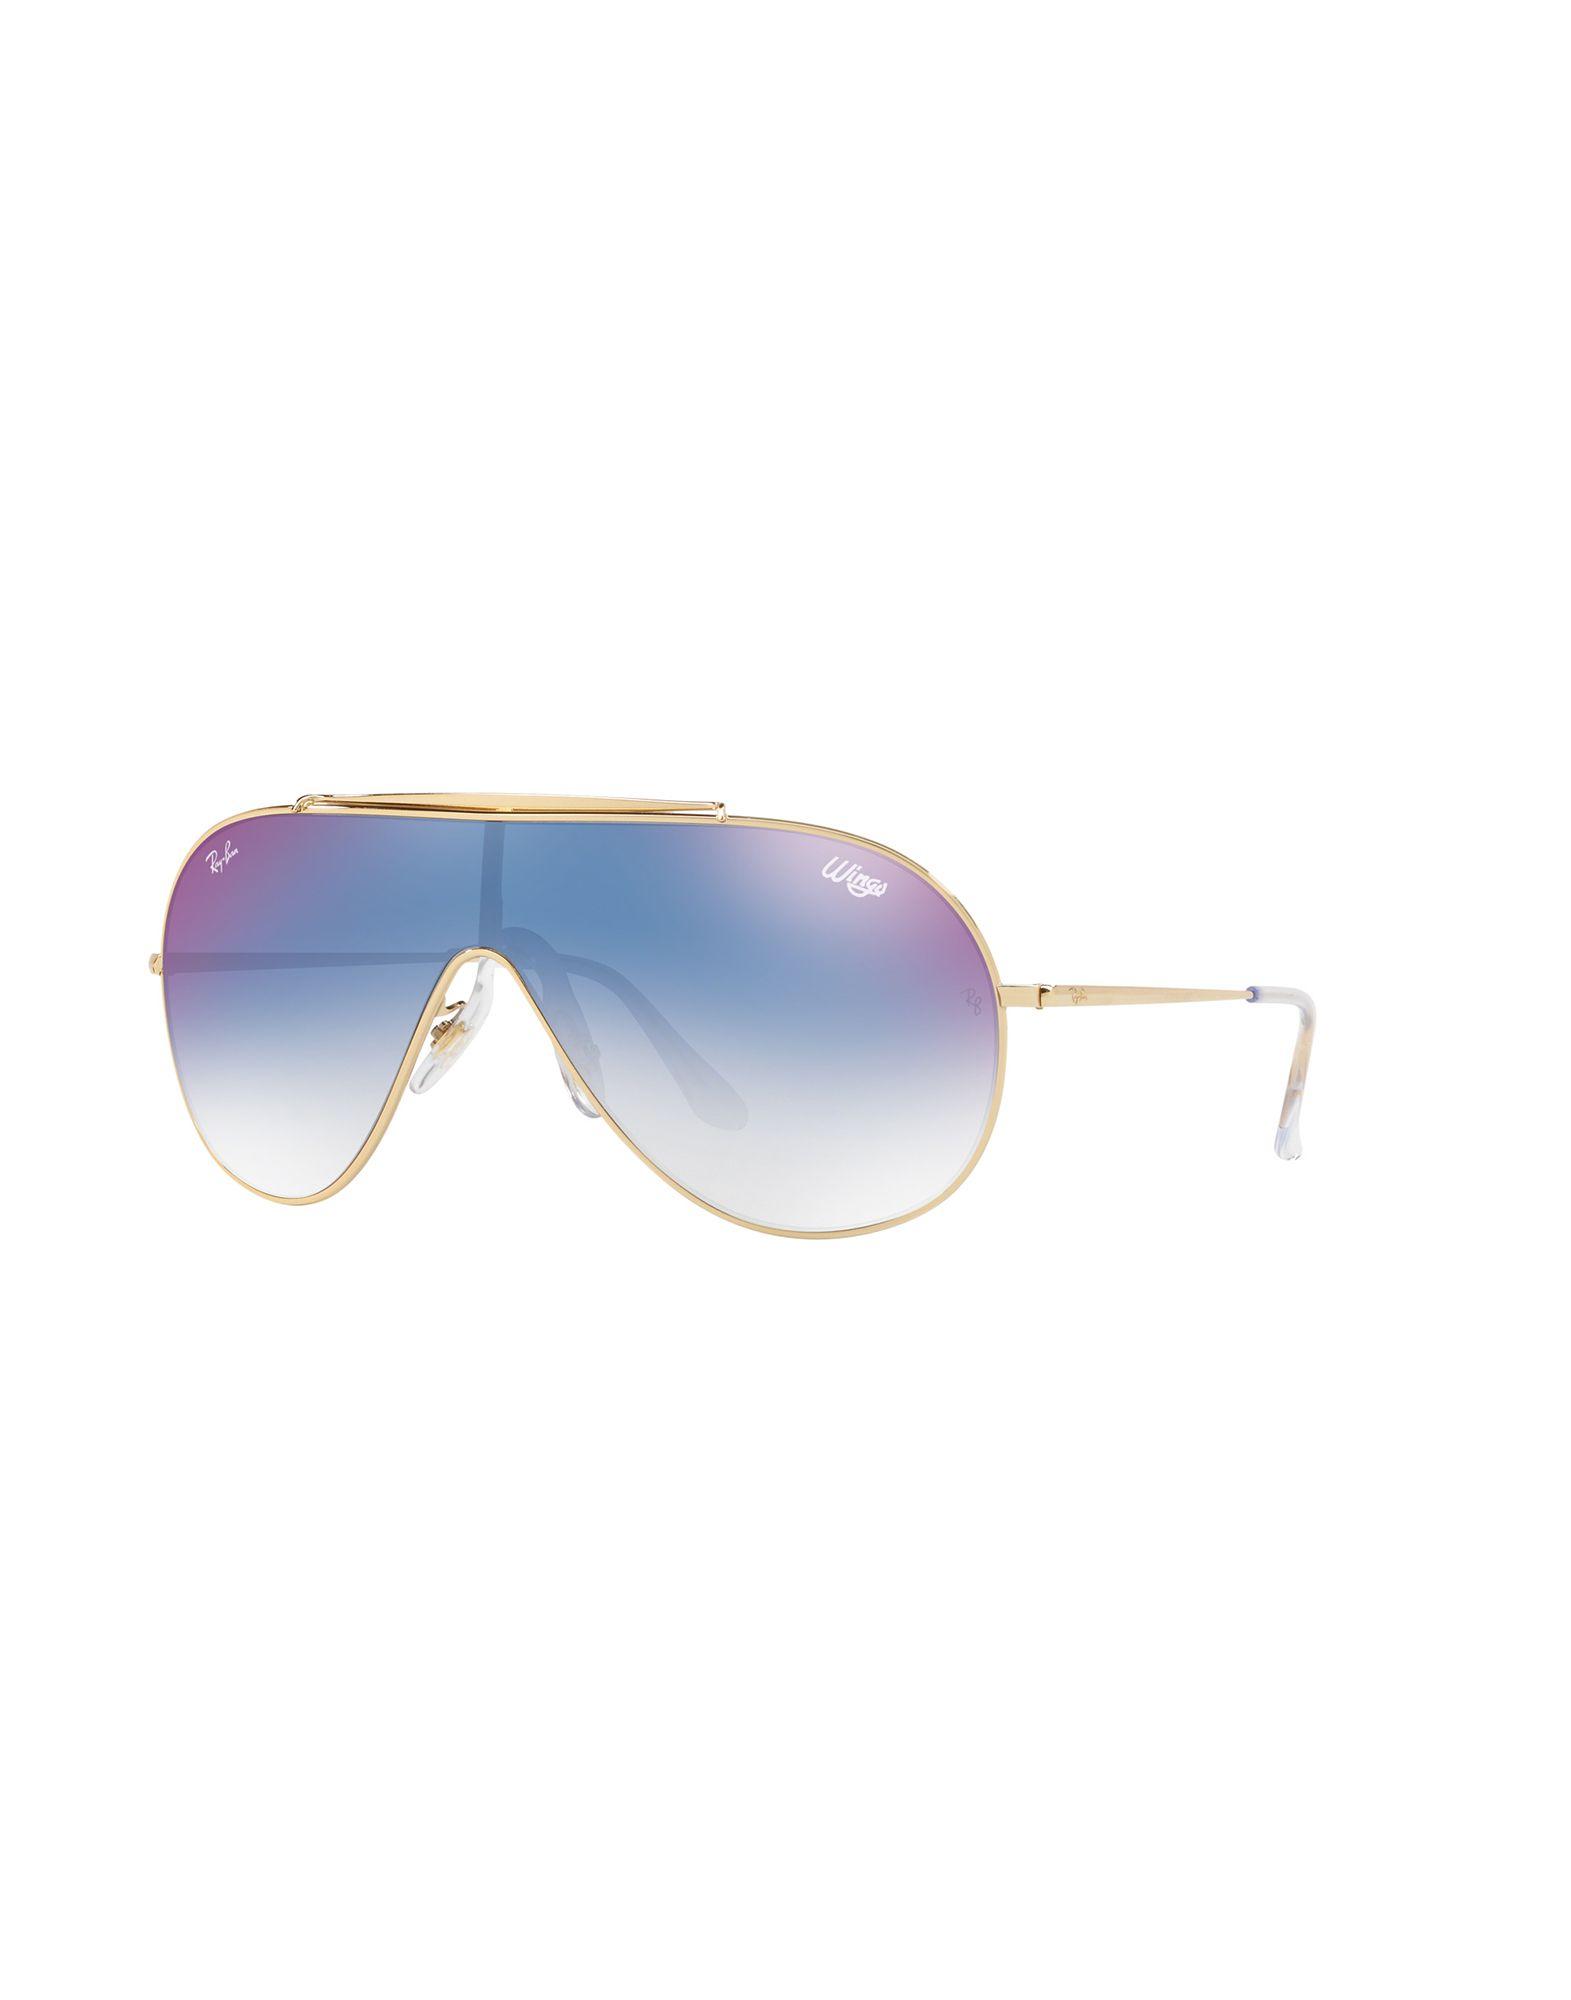 RAY-BAN Солнечные очки rayban ray ban солнцезащитные очки для мужчин и женщин моды очков черной рамке серый градиент линзы очки rb3558 002 8g 58мм